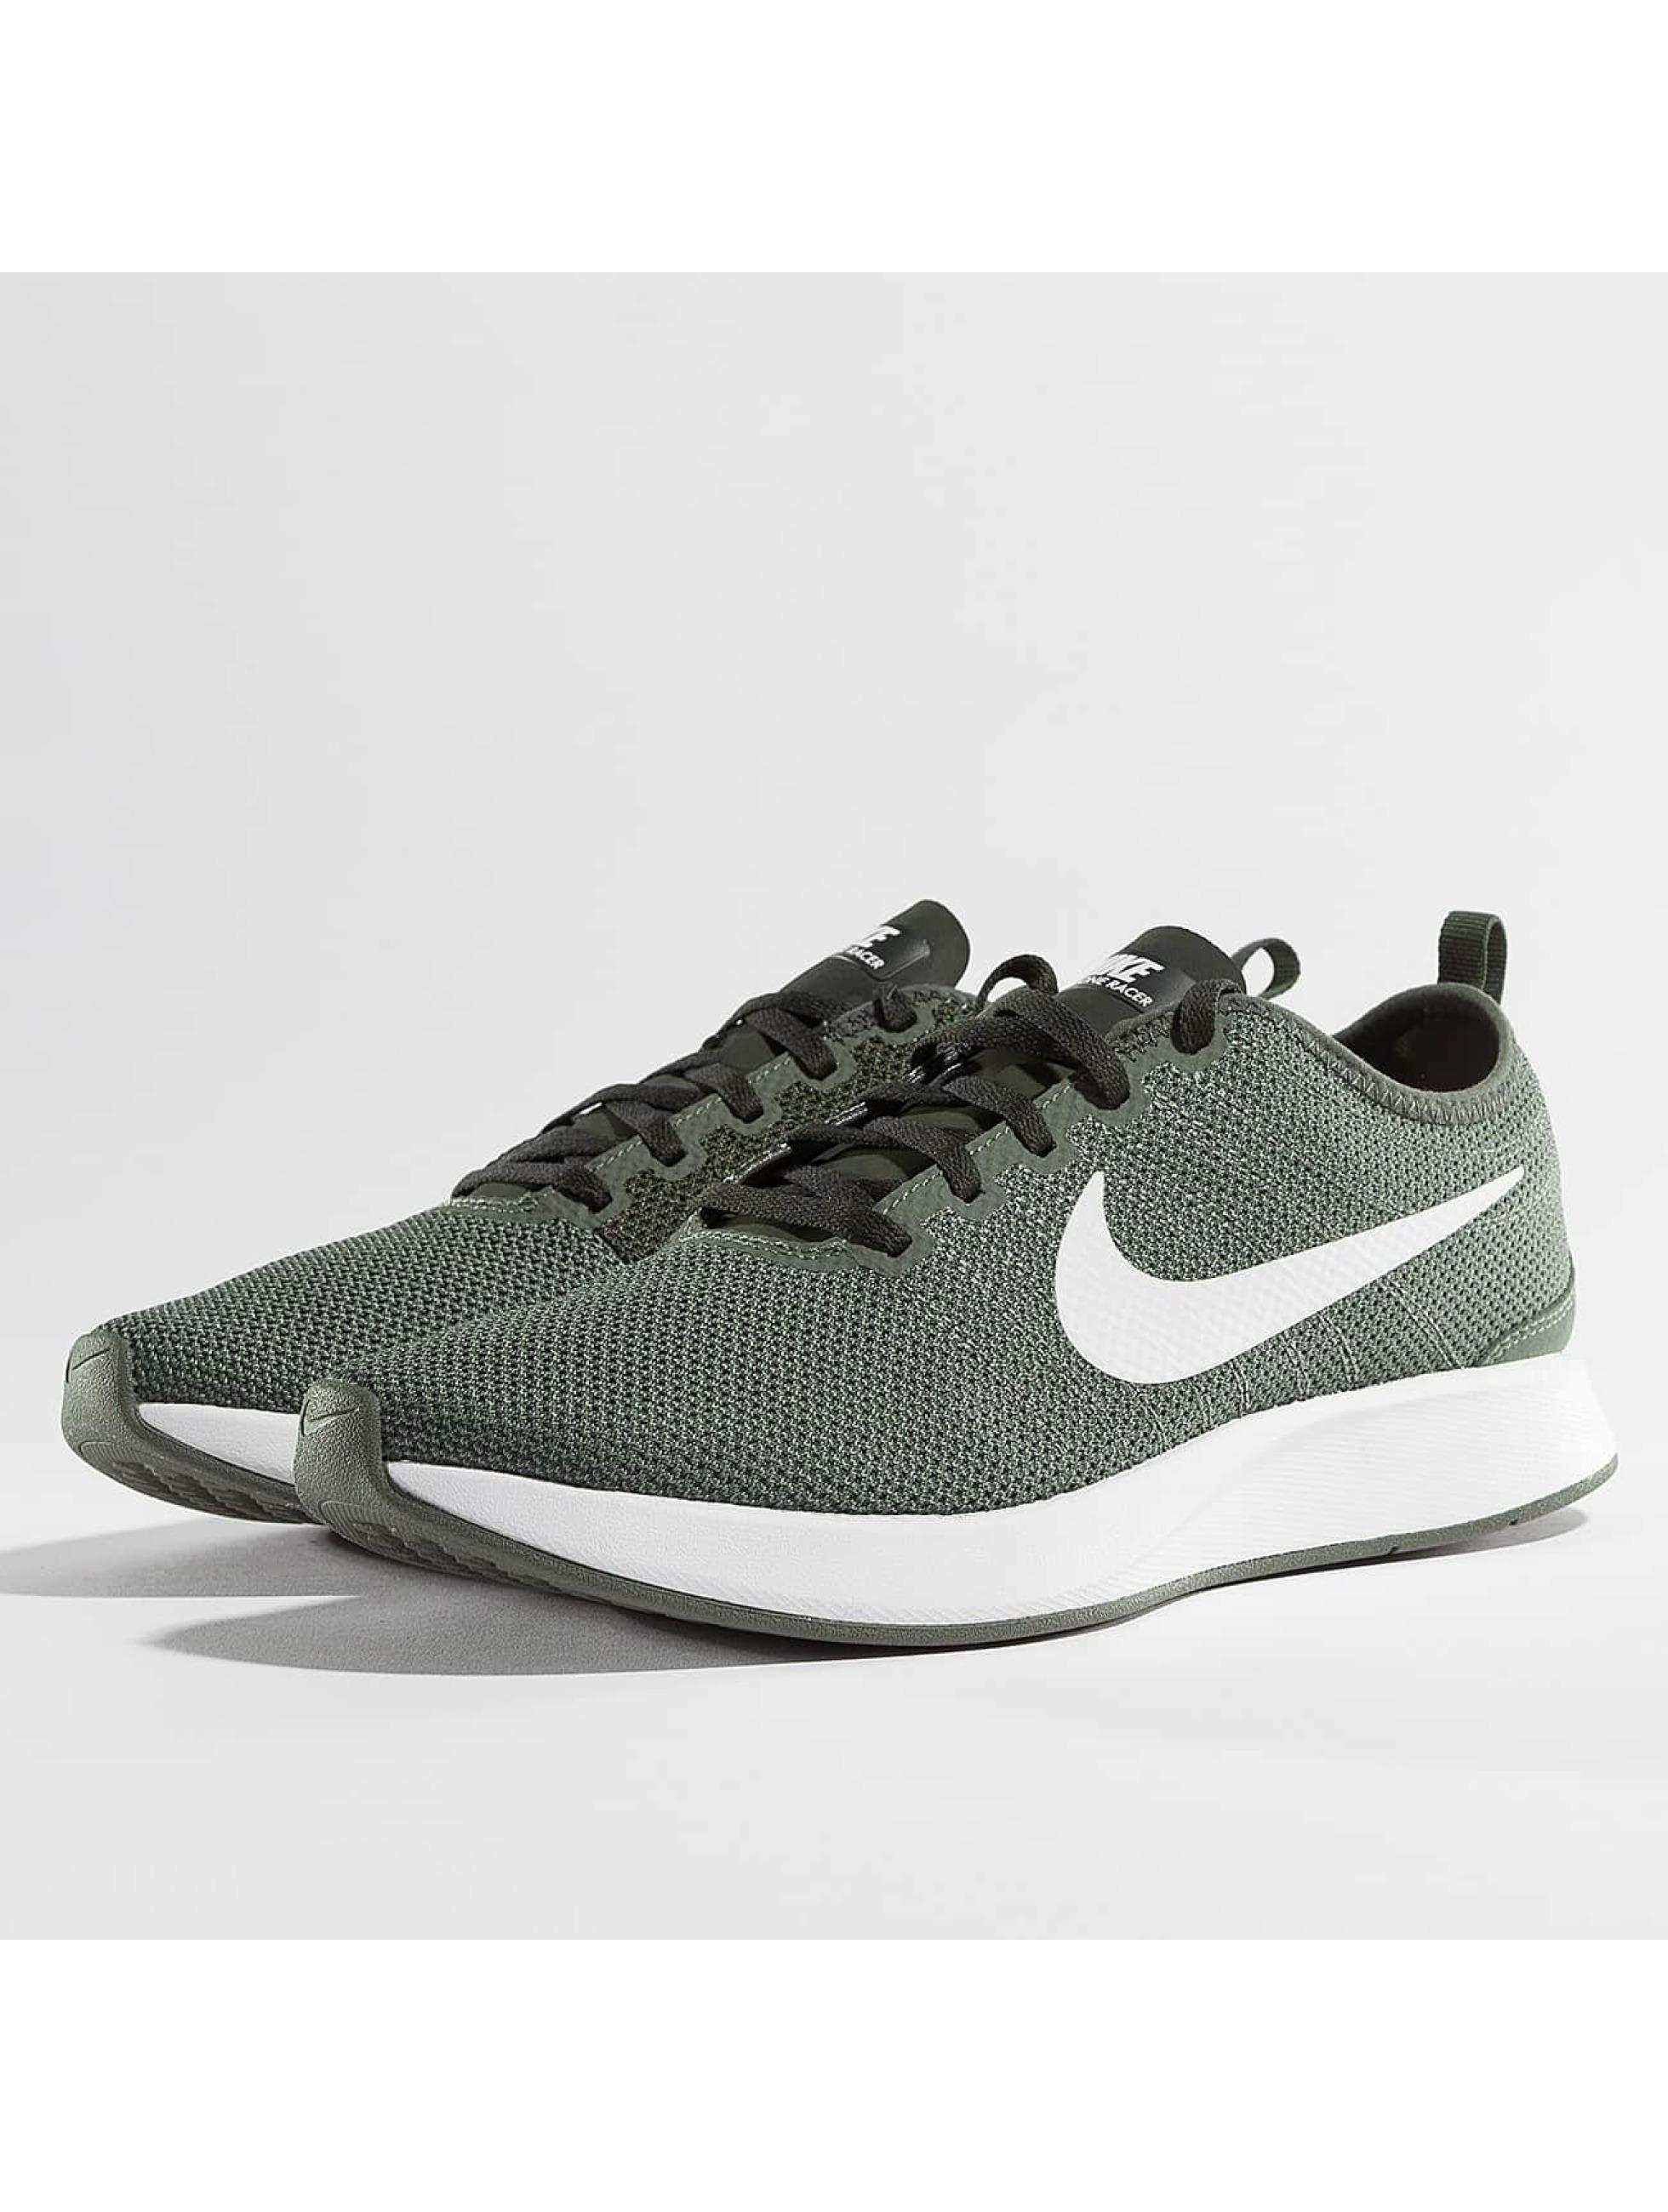 Nike schoen / sneaker Dualtone Racer in groen